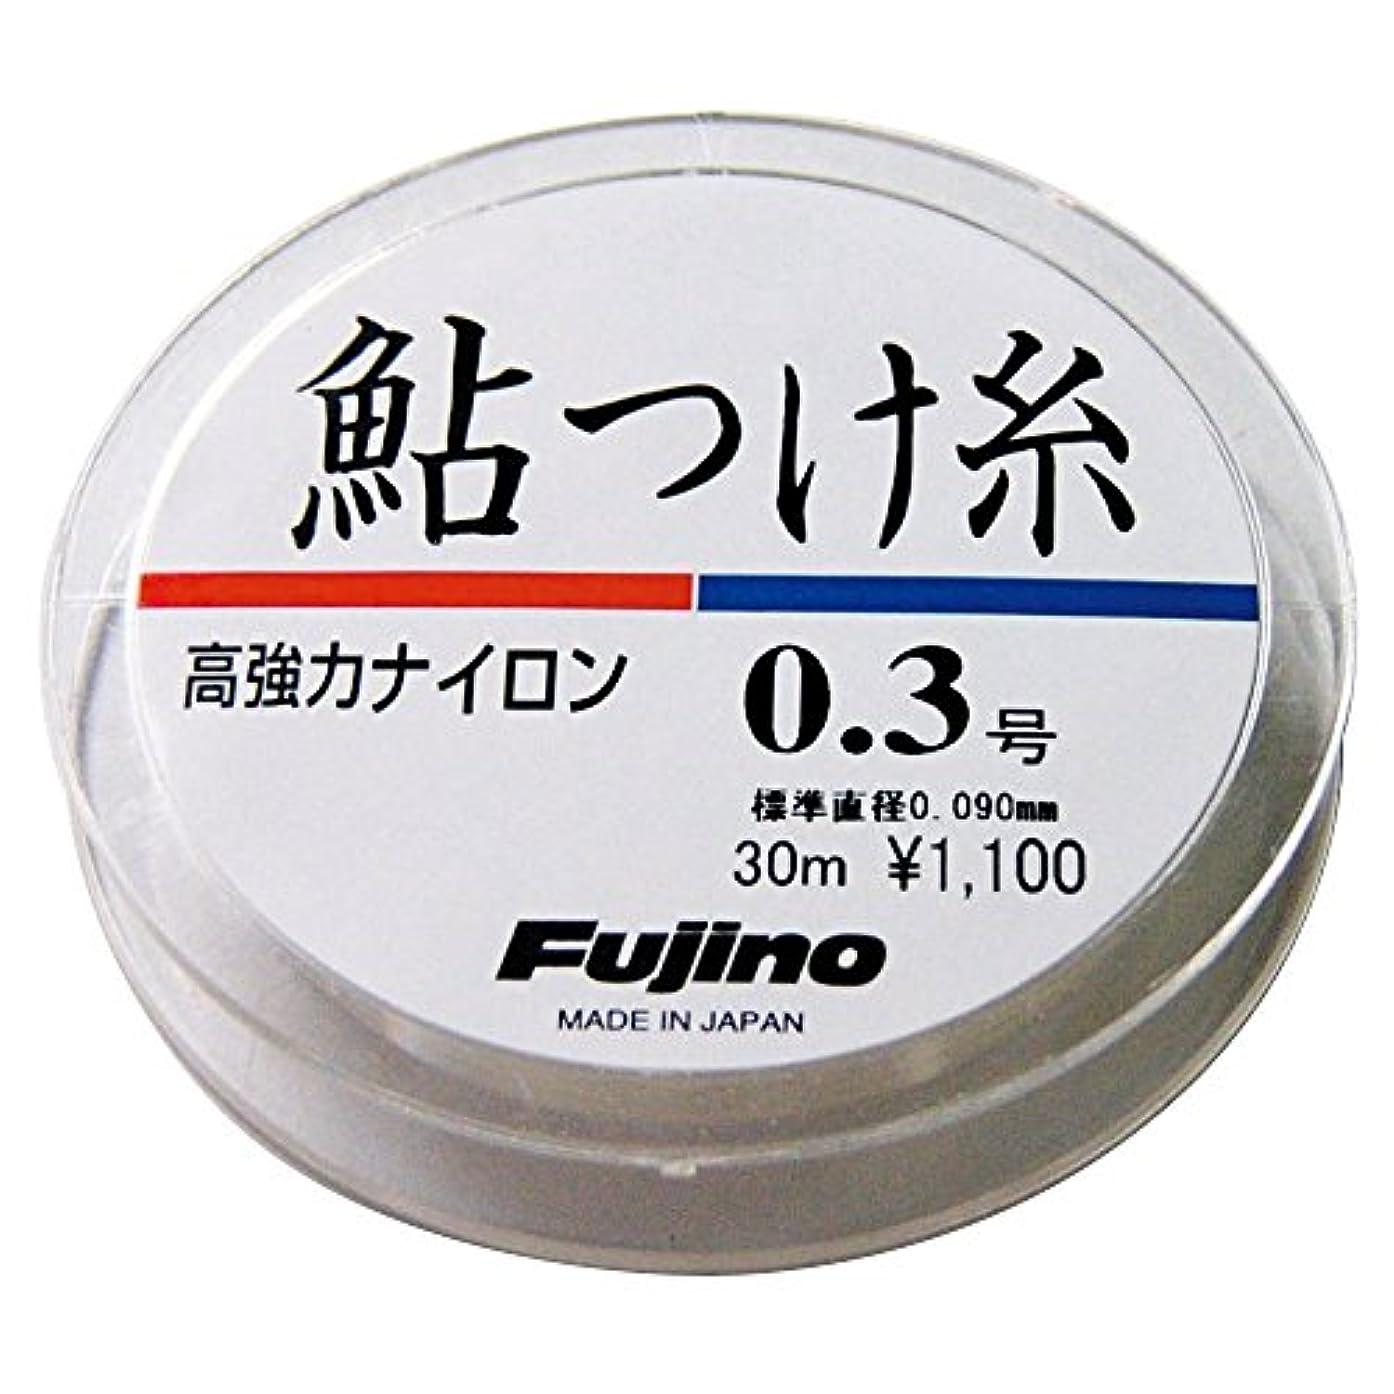 内訳軌道文明化するFujino(フジノ) ライン 鮎つけ糸 ナイロン 30m 0.8号